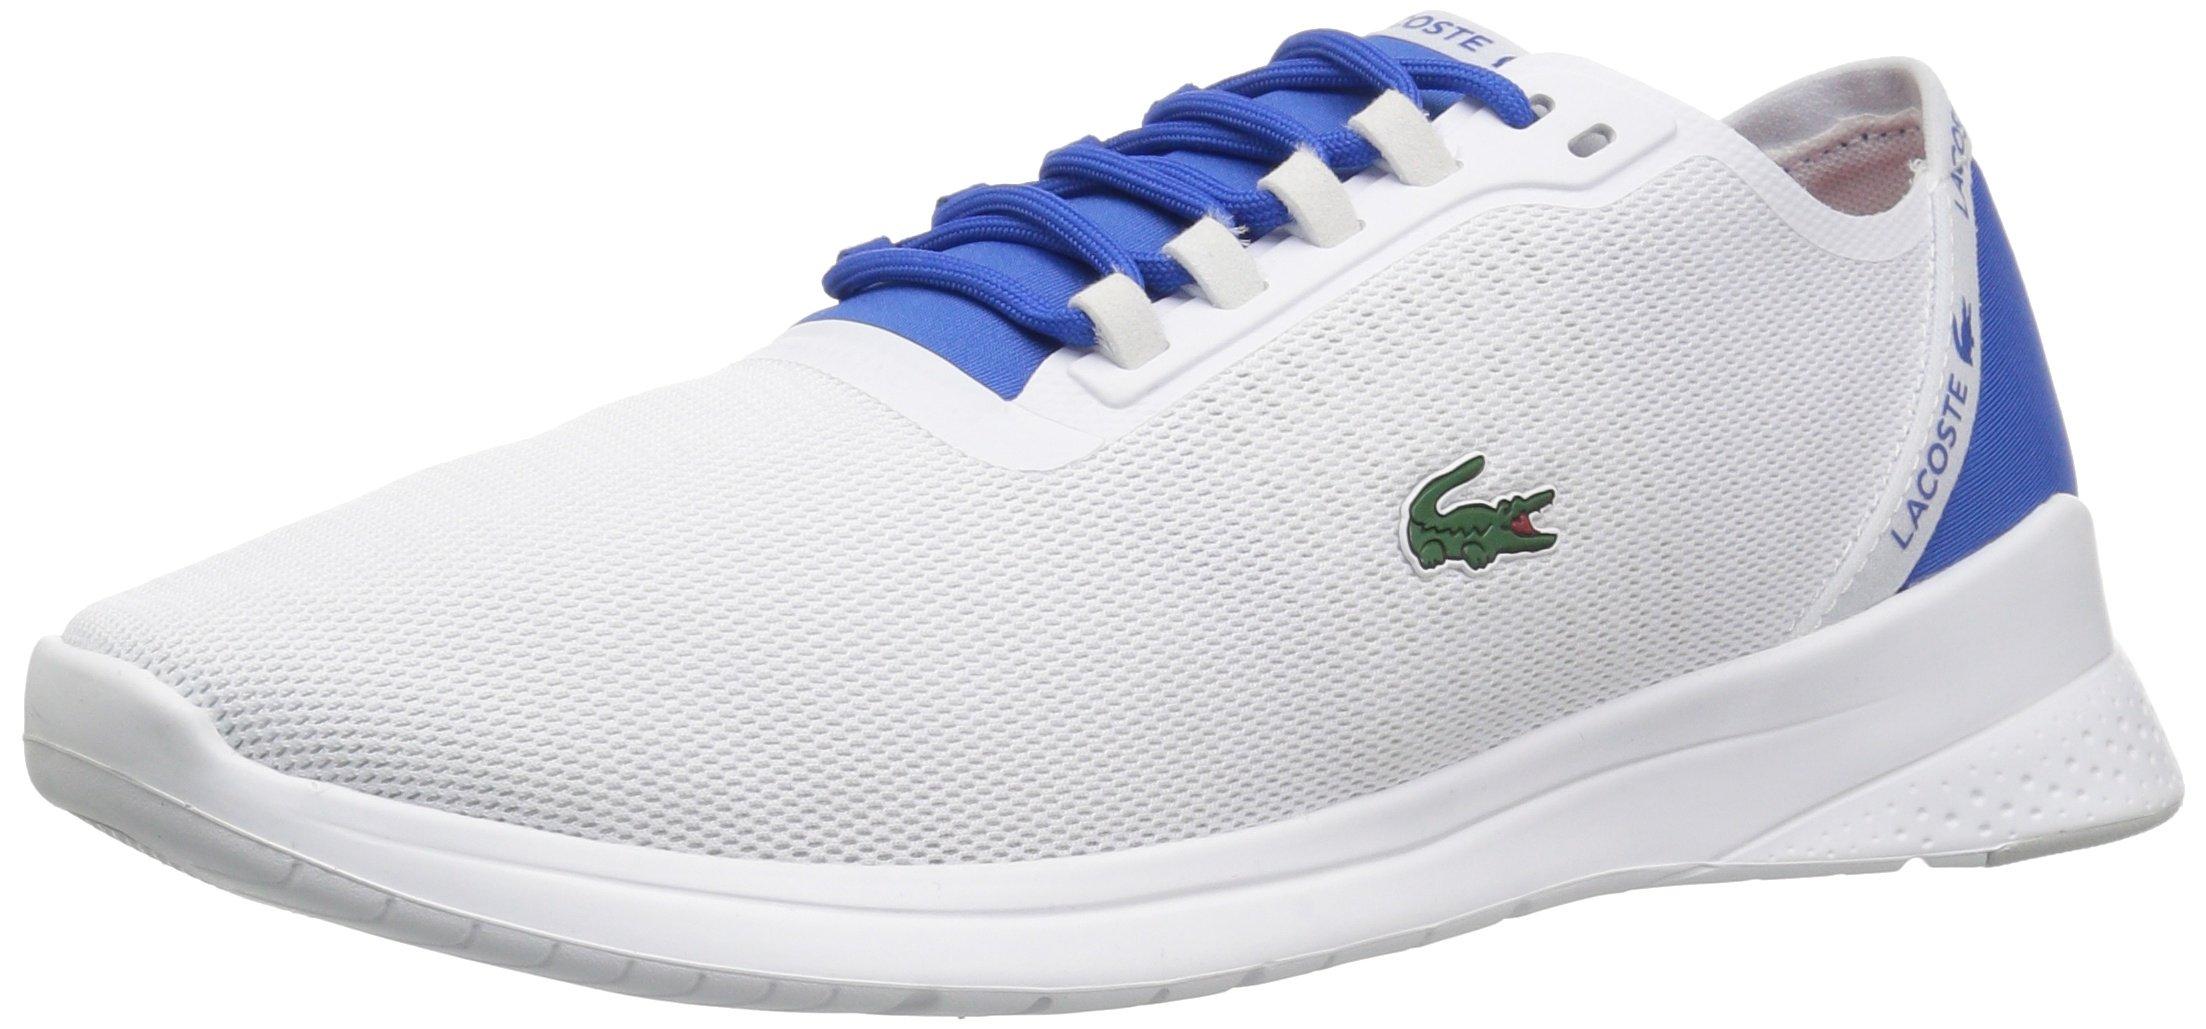 Lacoste Men's LT Fit Sneakers